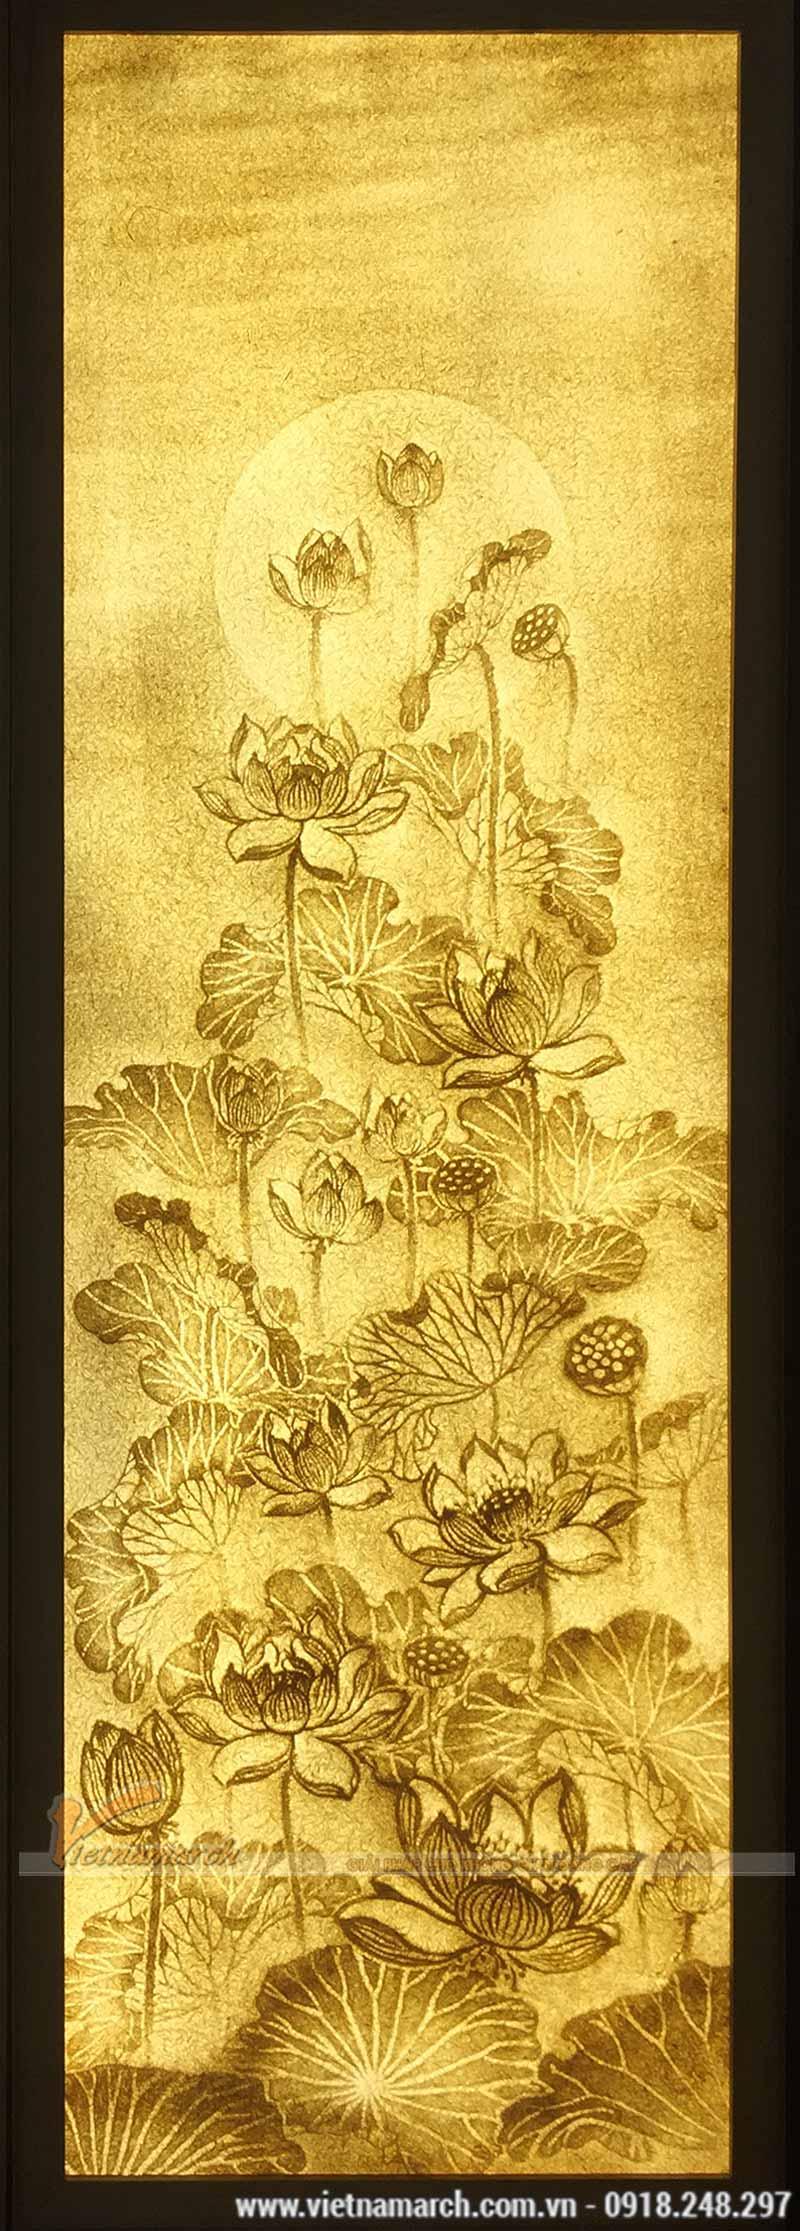 Mẫu tranh giấy dừa đẹp